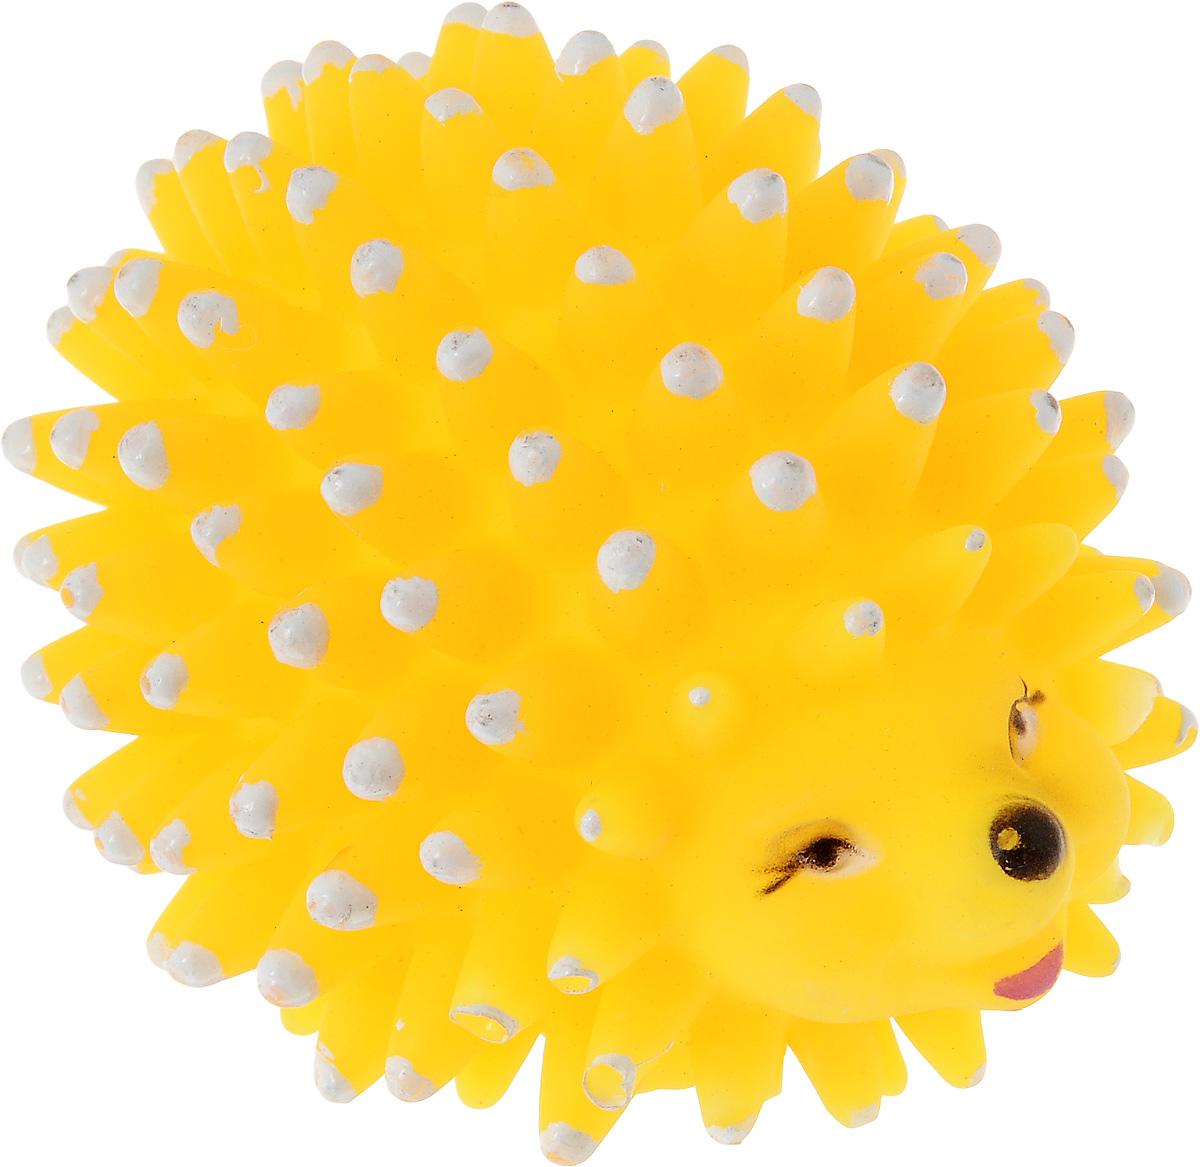 Игрушка для собак Zoobaloo Еж, с пищалкой, длина 8 см321Игрушка для собак Zoobaloo Еж выполнена из прочной резины. Изделие дополнено пищалкой, которая вызовет повышенный интерес у вашего питомца. Такая игрушка порадует вашего любимца, а вам доставит массу приятных эмоций, ведь наблюдать за игрой всегда интересно и приятно. УВАЖАЕМЫЕ КЛИЕНТЫ! Обращаем ваше внимание на возможные изменения в цветовом дизайне, связанные с ассортиментом продукции. Поставка осуществляется в зависимости от наличия на складе.